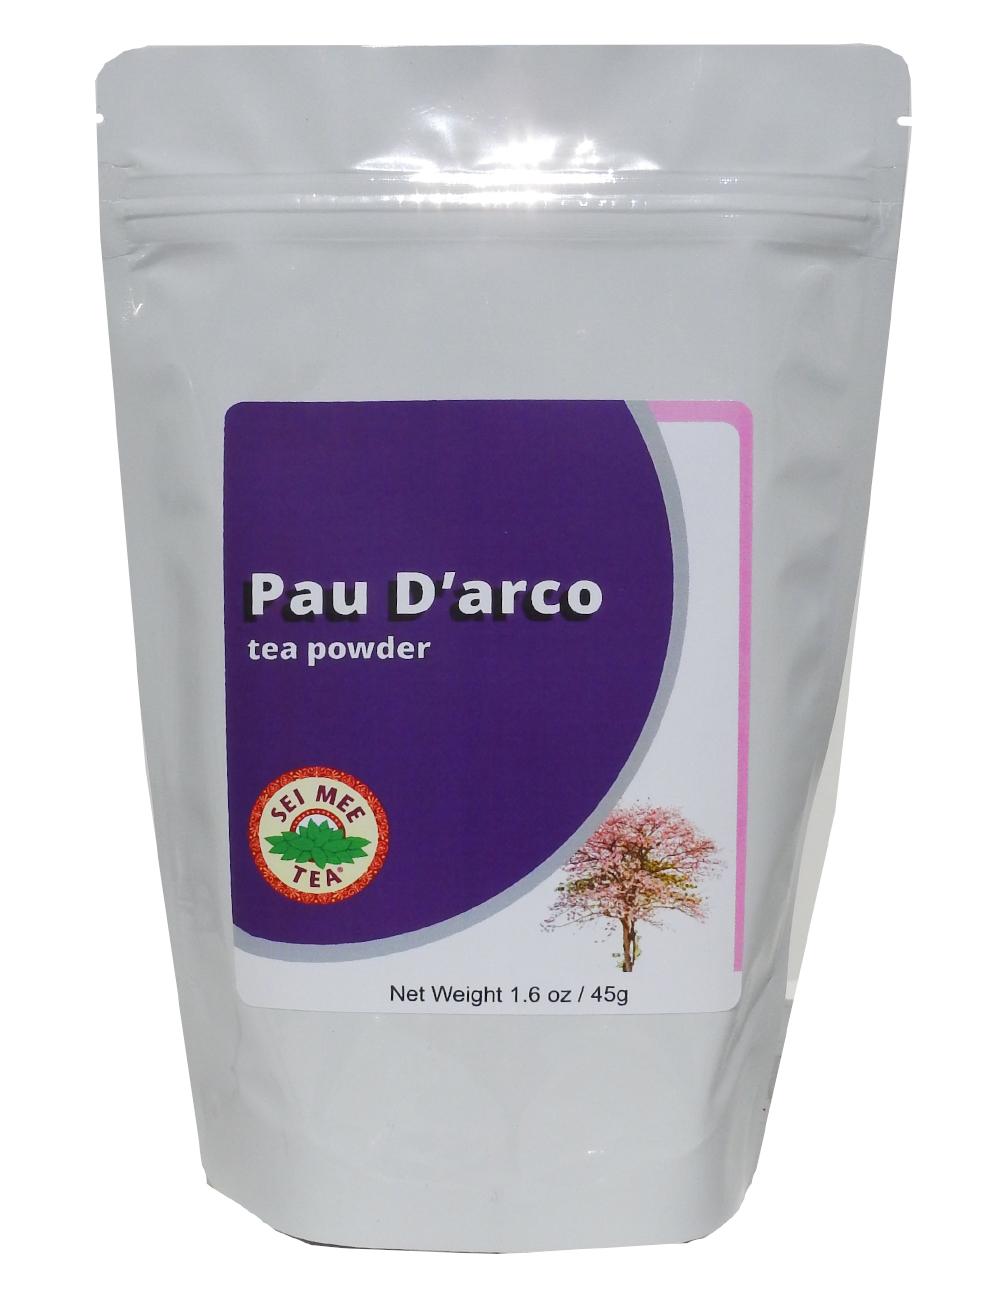 Pau D Arco Tea Powder Sei Mee Tea Llc